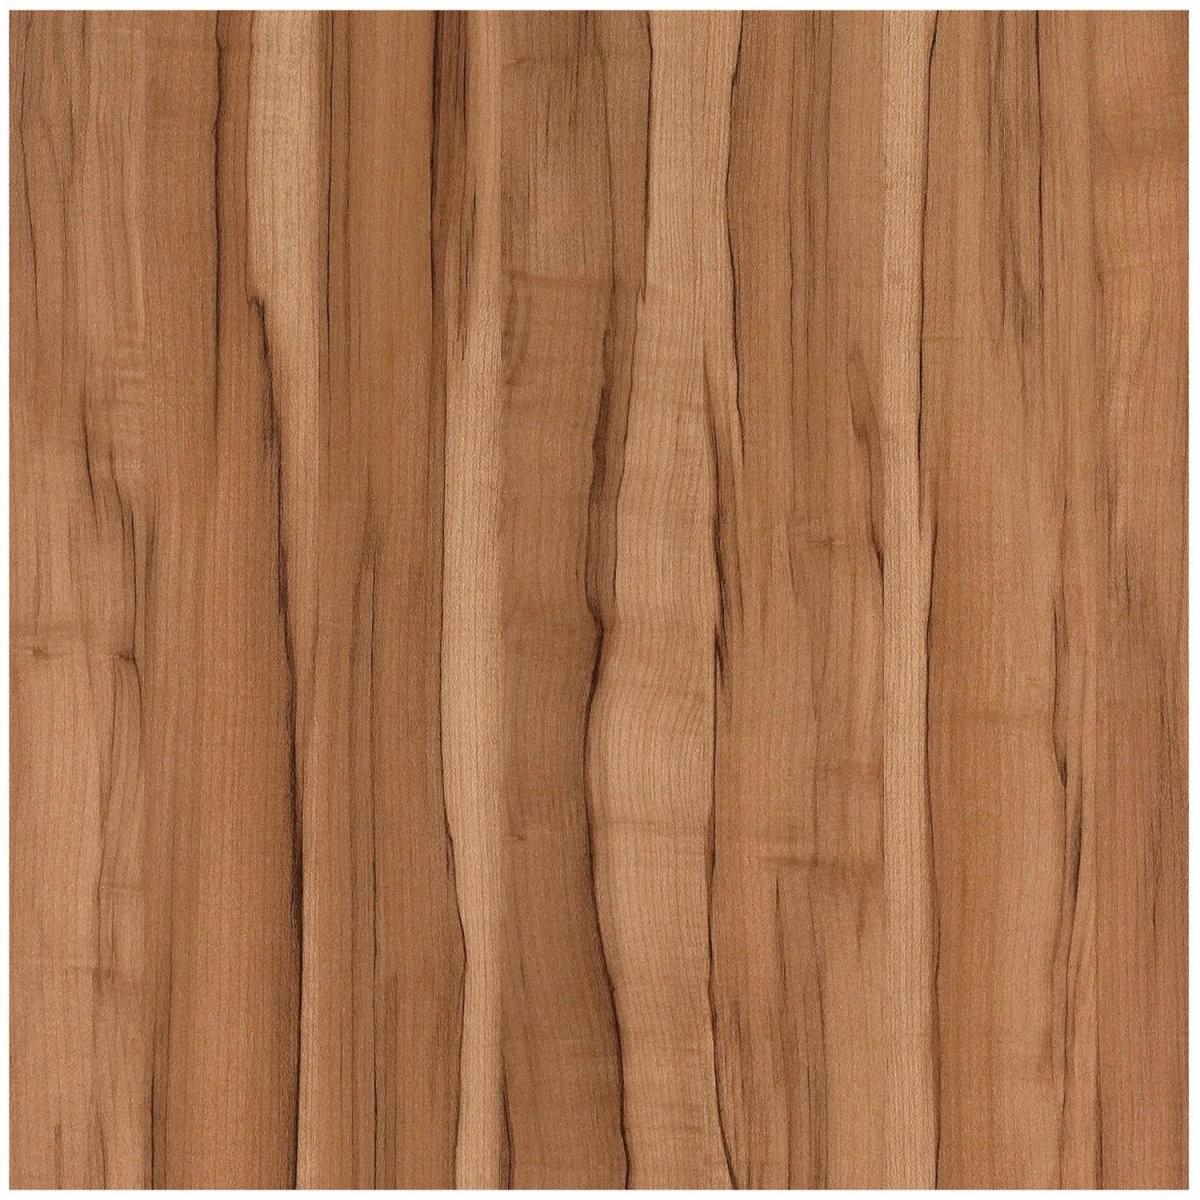 Arbeitsplatte 60 Cm X 39 Cm Kernahorn Holznachbildung (Ah733 von Arbeitsplatten Nach Maß Obi Bild